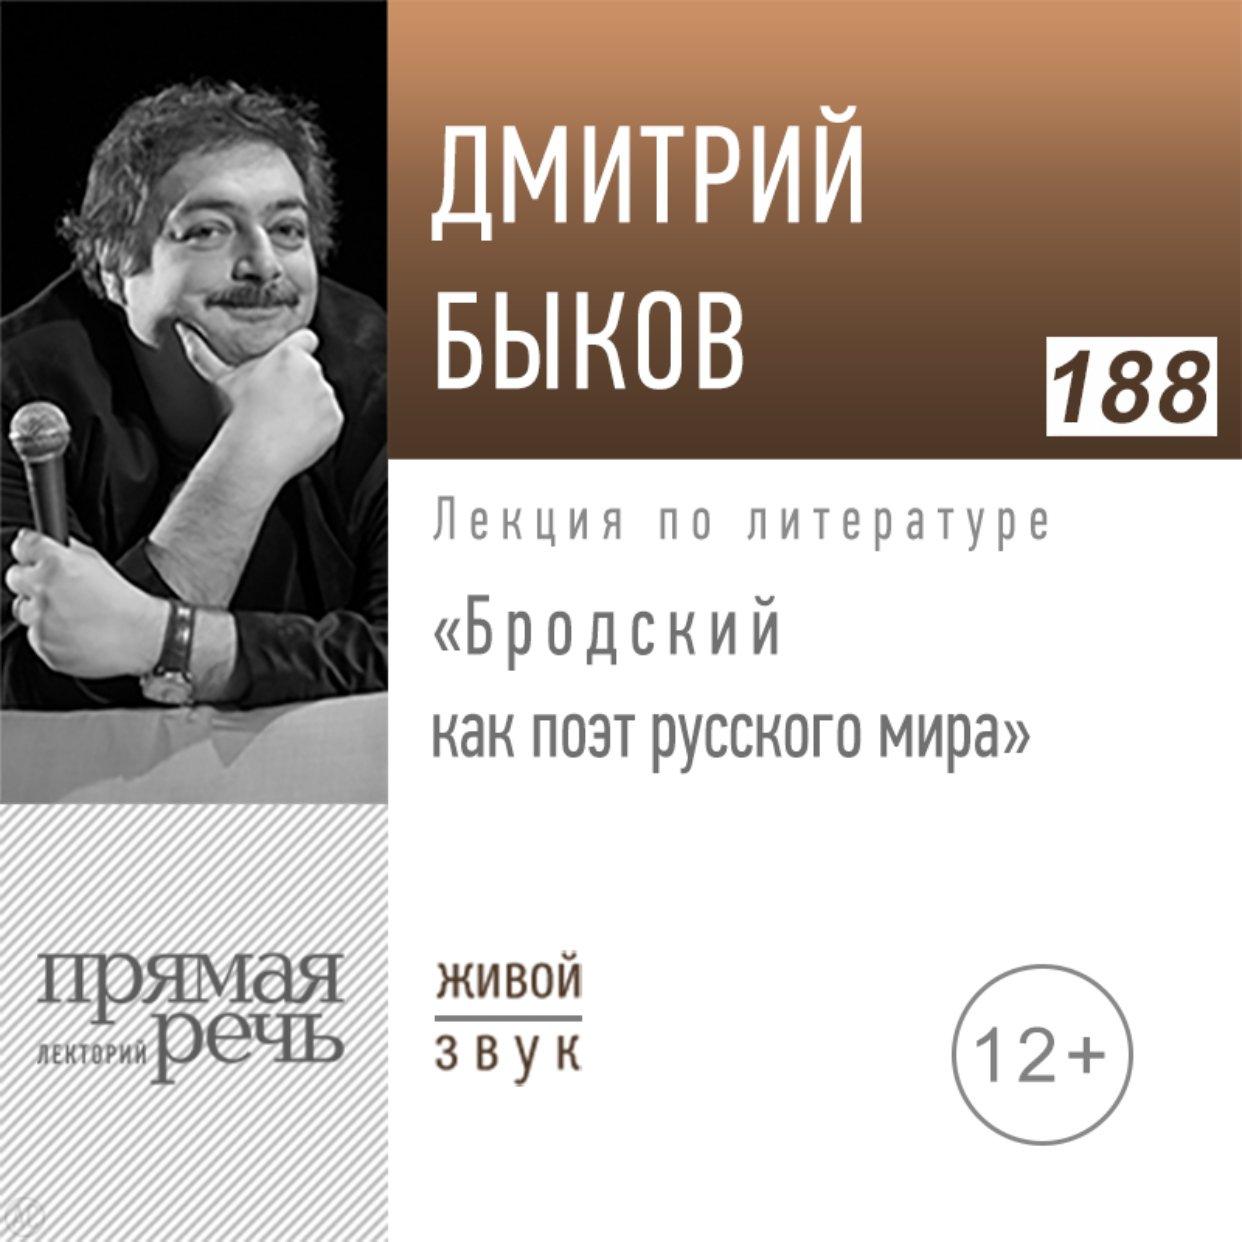 Бродский, как поэт русского мира (2020г.)